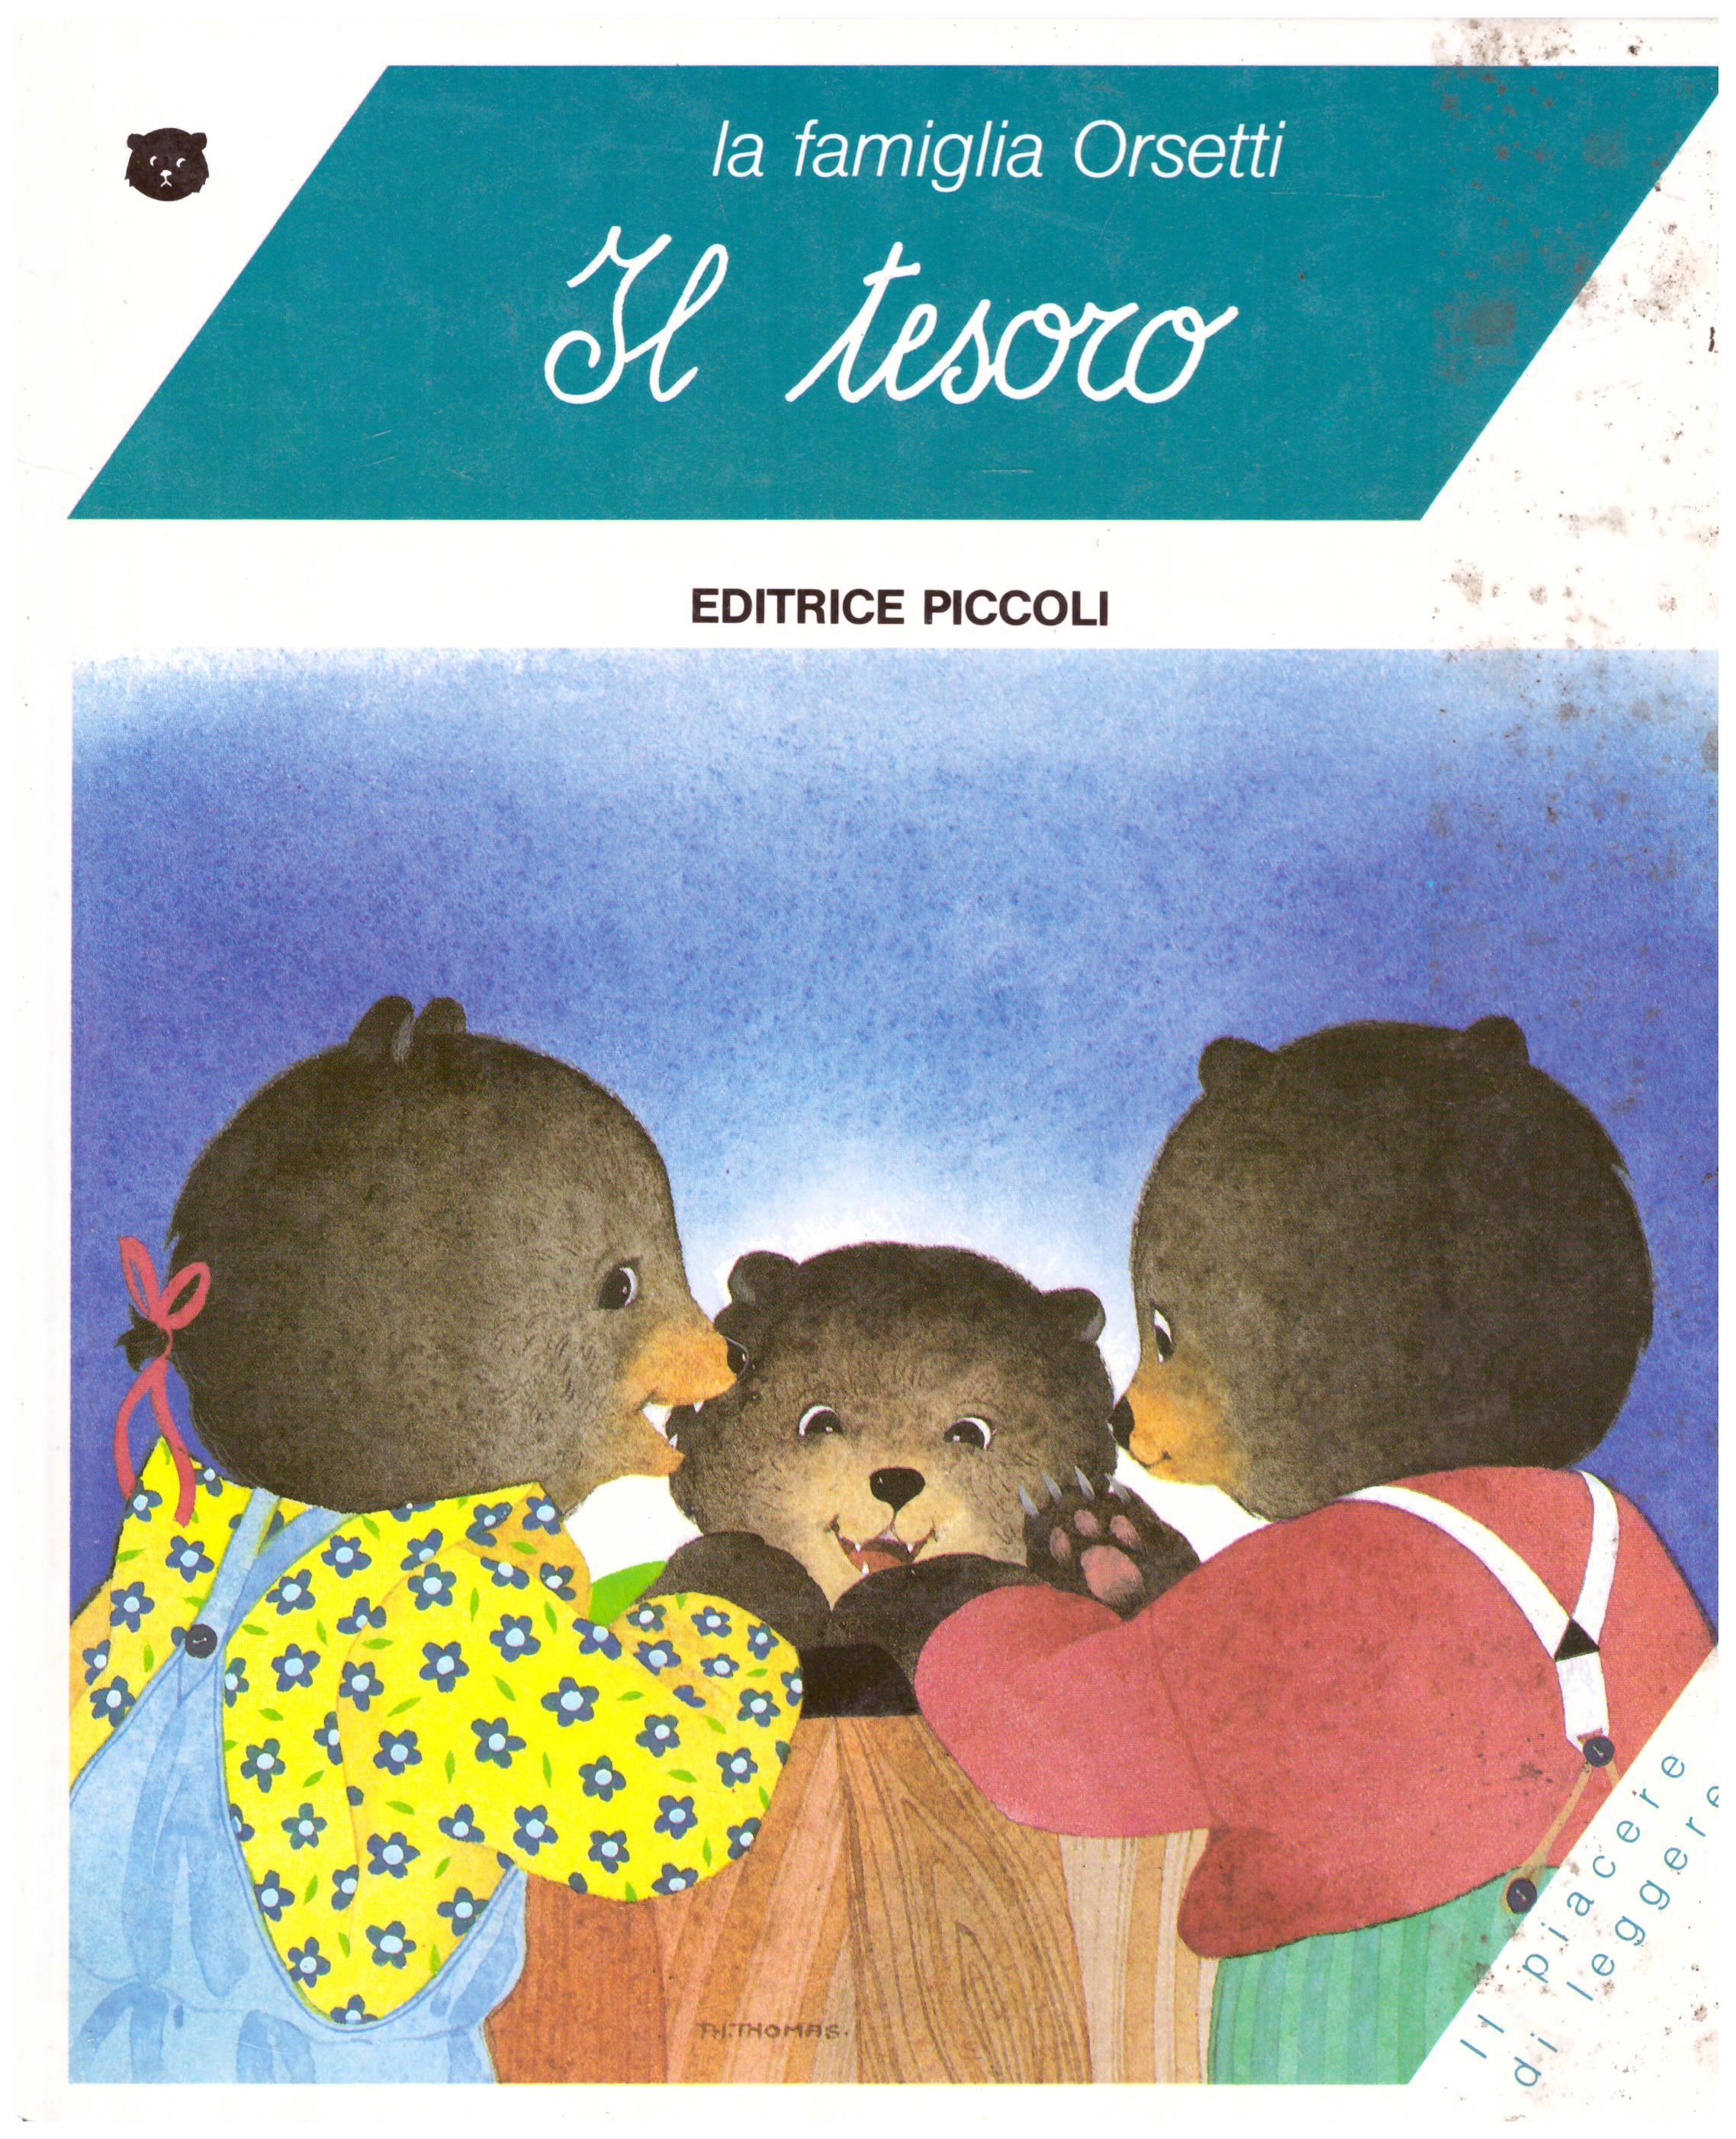 Titolo: La famiglia orsetti, il tesoro  Autore: Tamara Danblon  Editore: editrice Piccoli, 1989